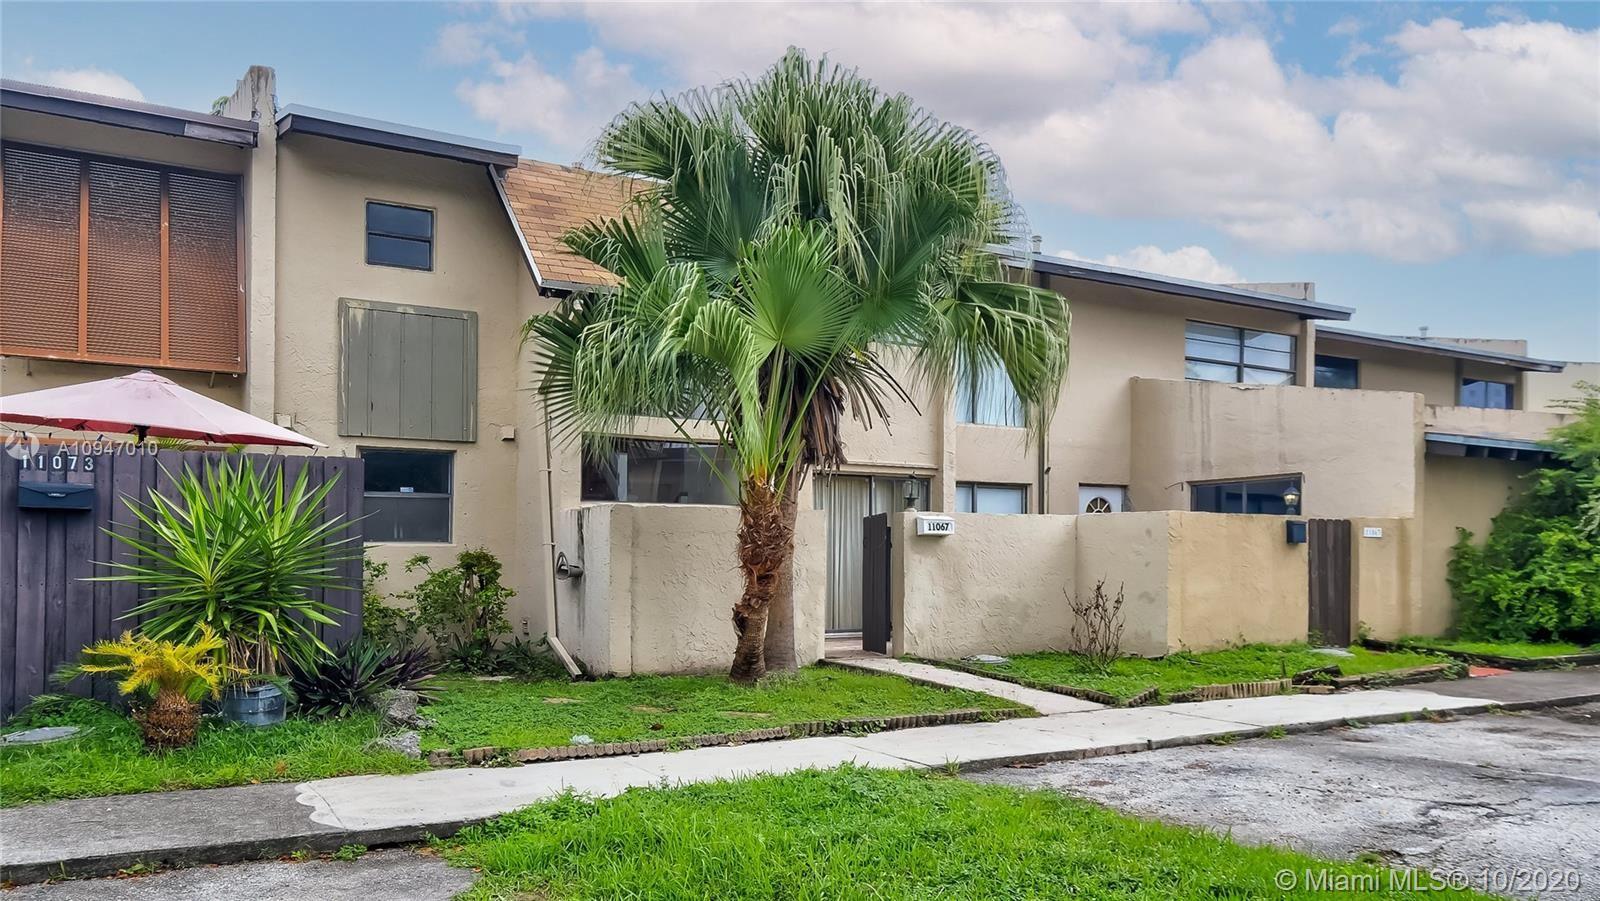 11067 SW 70th Ln, Miami, FL 33173 - #: A10947010